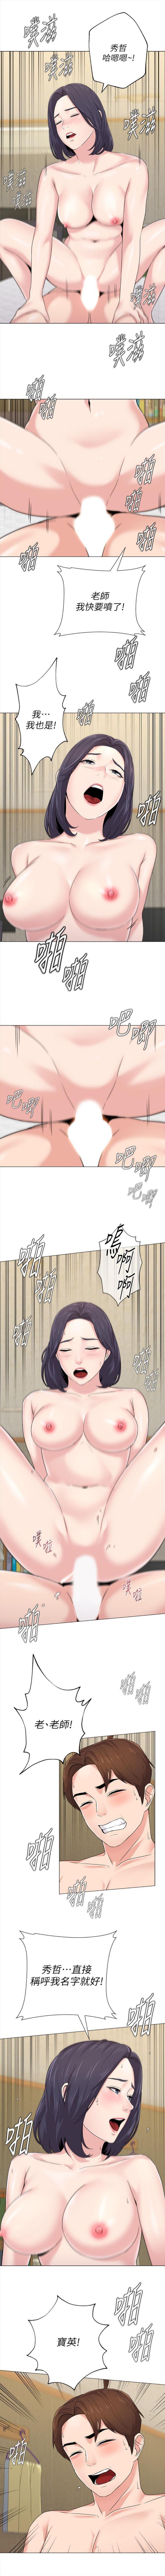 老師 1-80 官方中文(連載中) 429